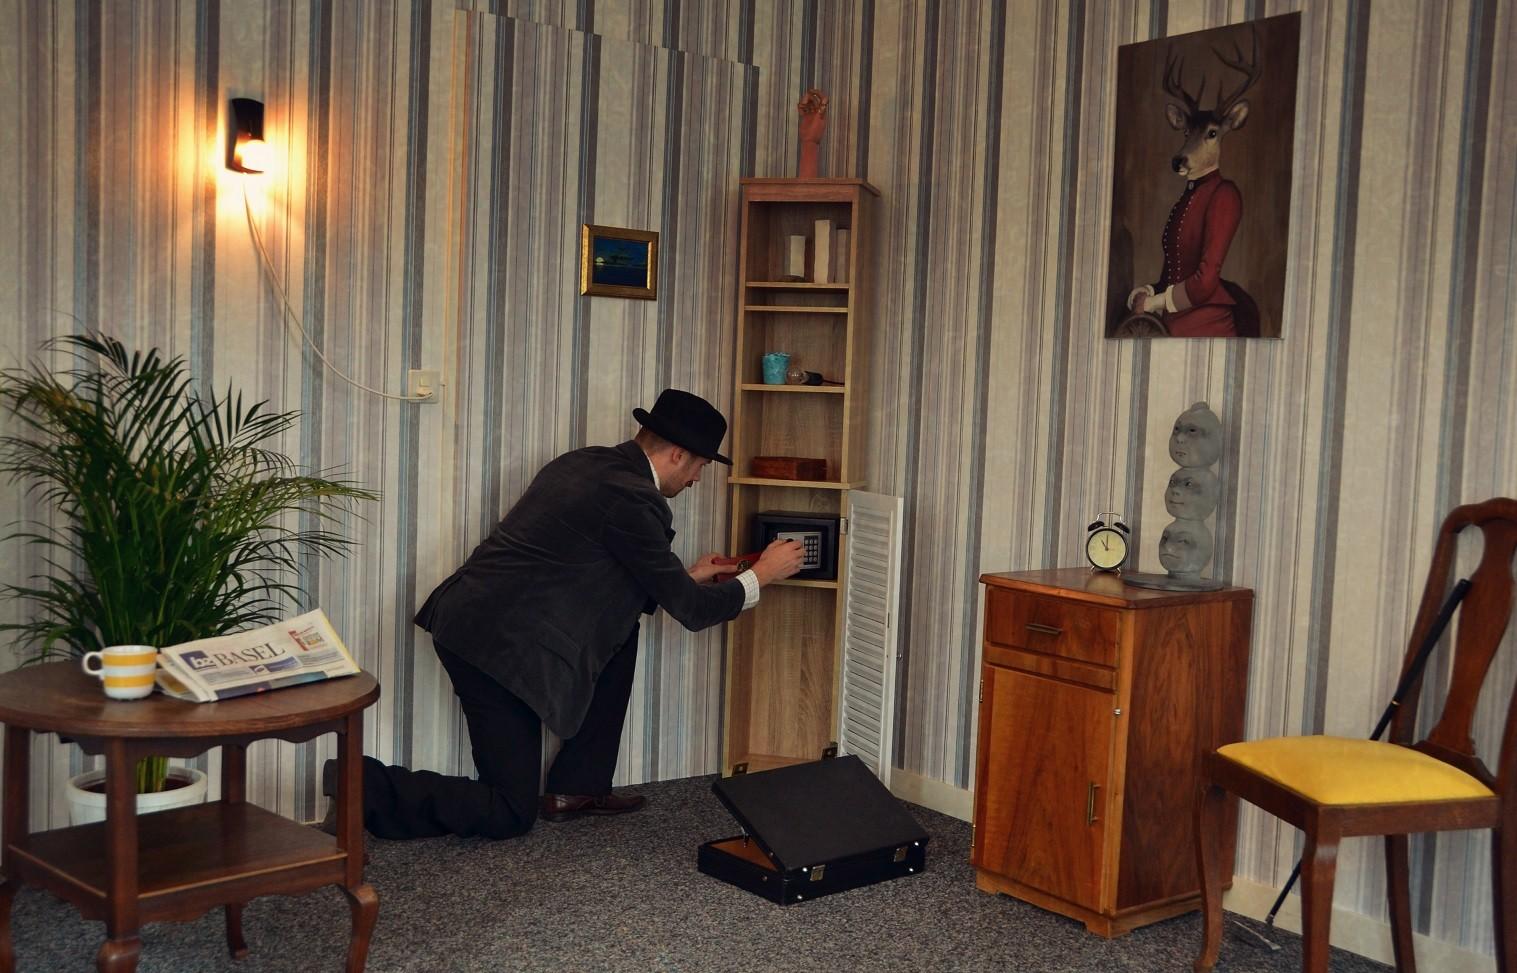 One hour escape master thief escape room in basel for Escape room escape